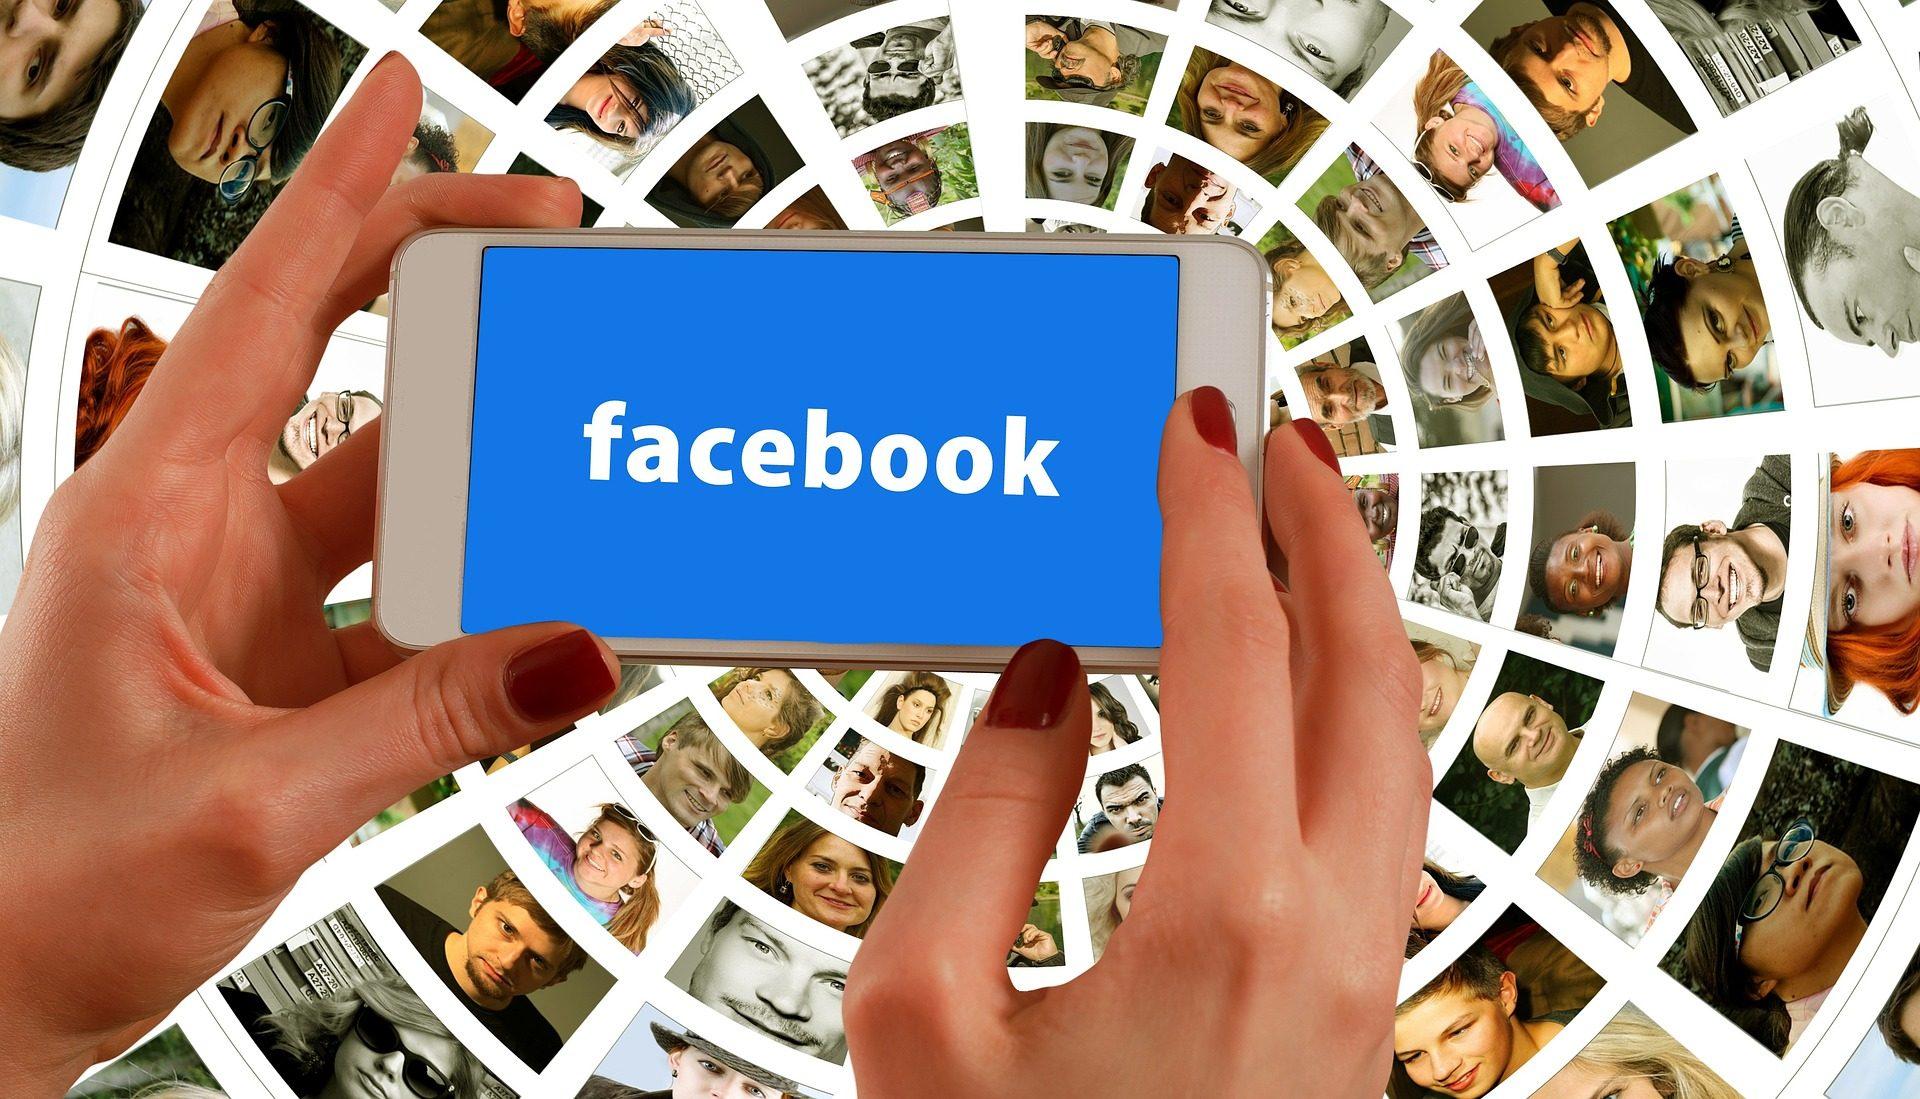 Développez votre affaire sur les réseaux sociaux à partir d'un achat de likes Facebook